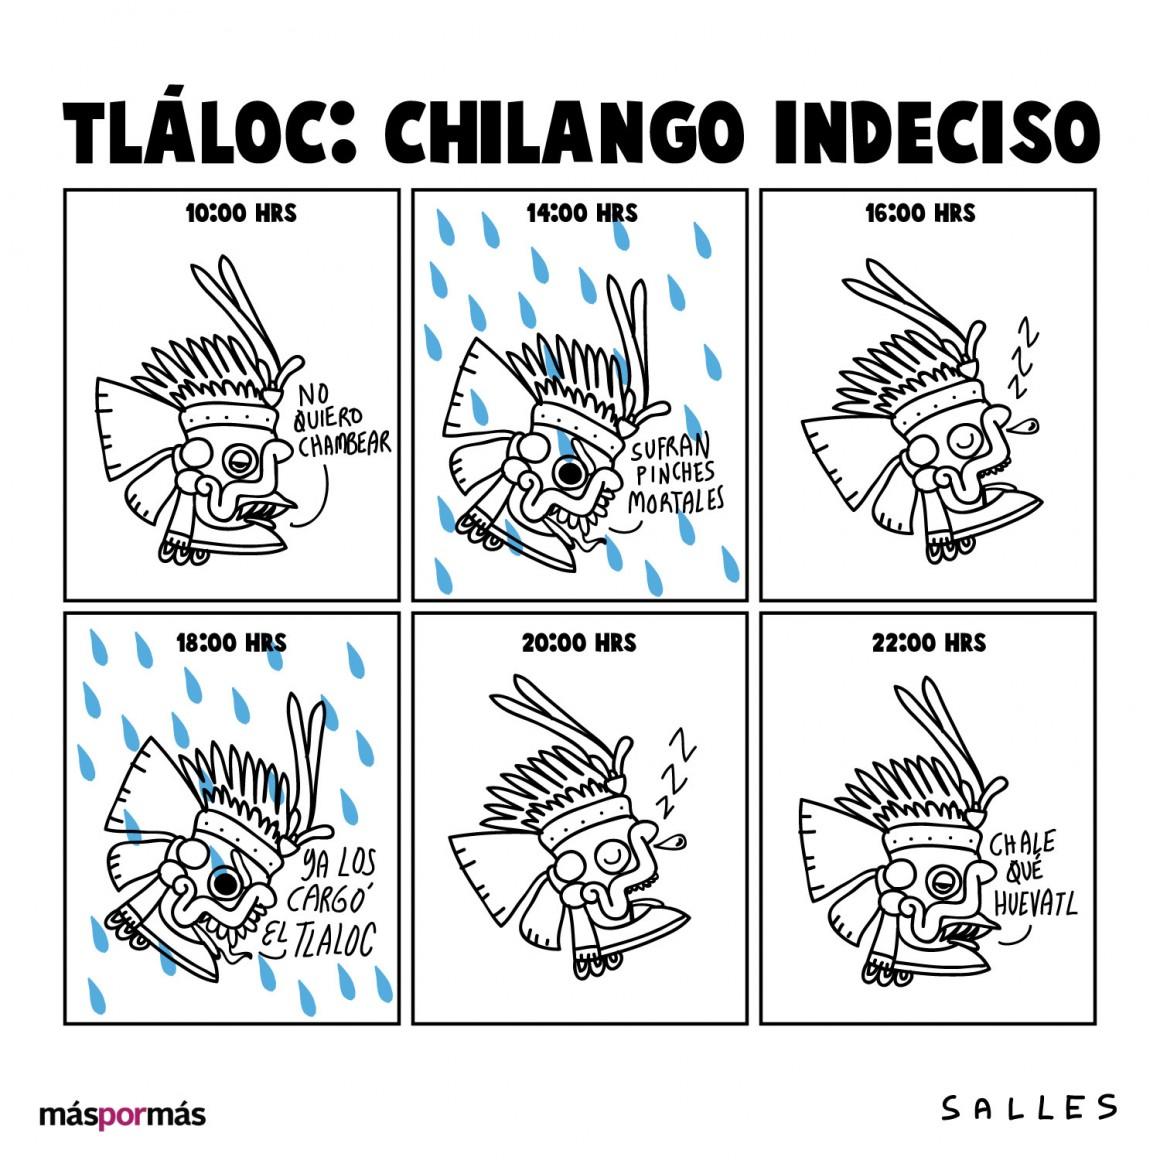 tlalochilangoindeciso